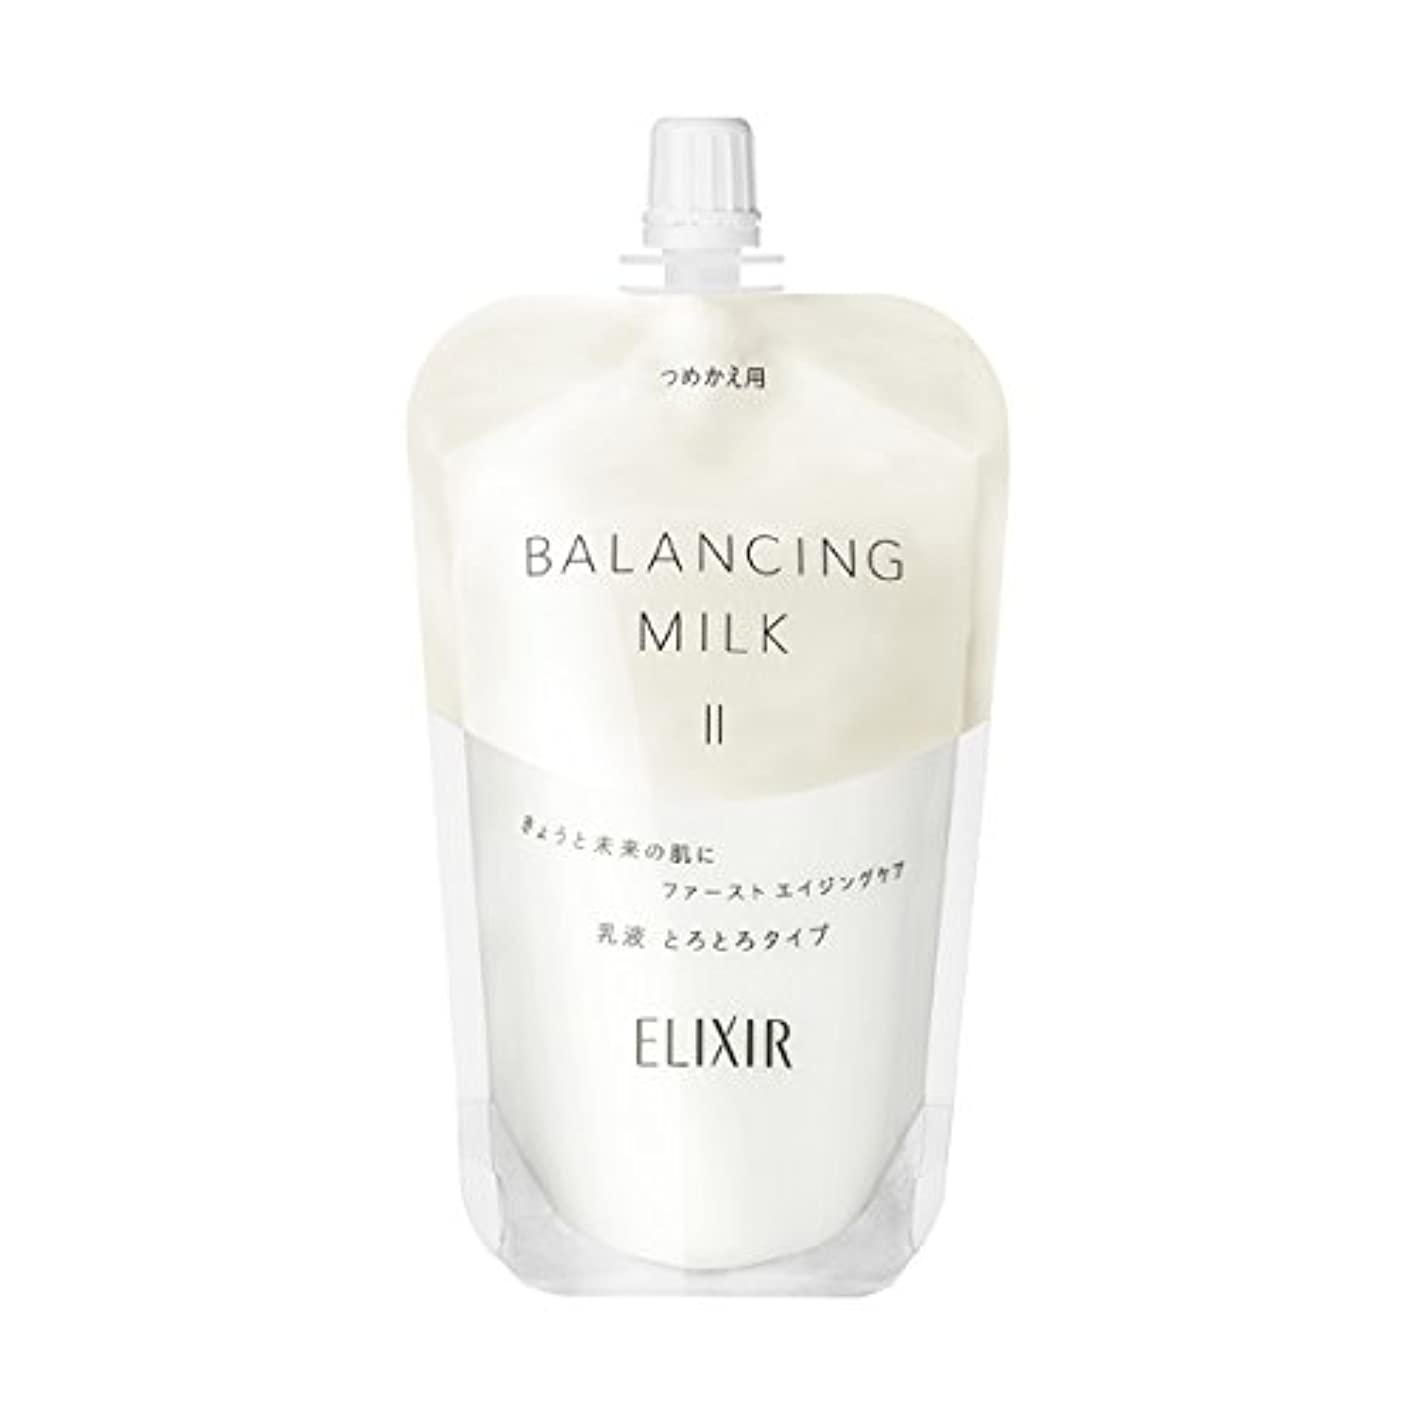 影響力のあるトロリー知人エリクシール ルフレ バランシング ミルク 乳液 2 (とろとろタイプ) (つめかえ用) 110mL